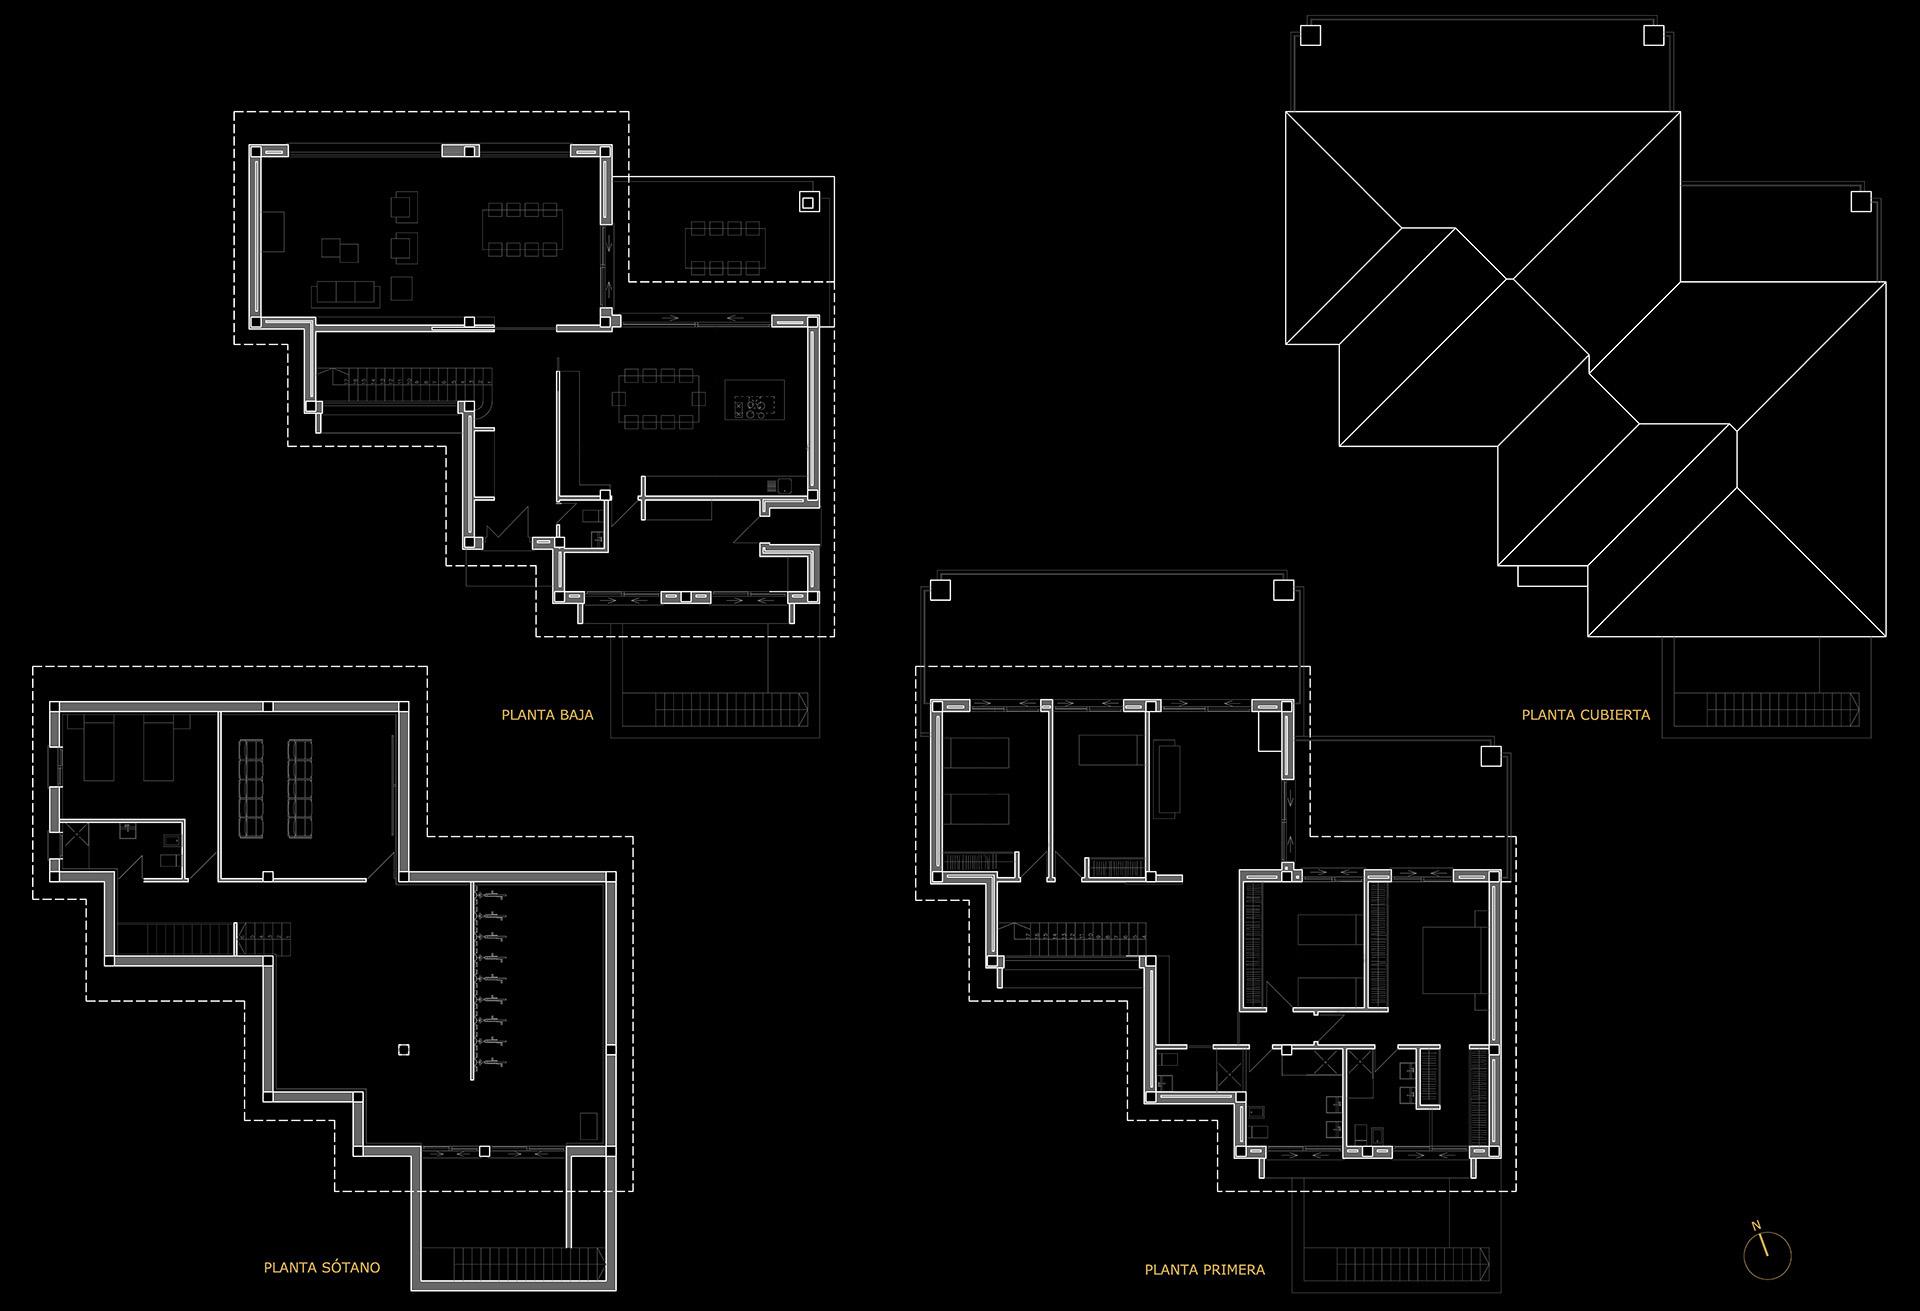 Vivienda sotogrande ed n rv arquitectos - Arquitecto sotogrande ...